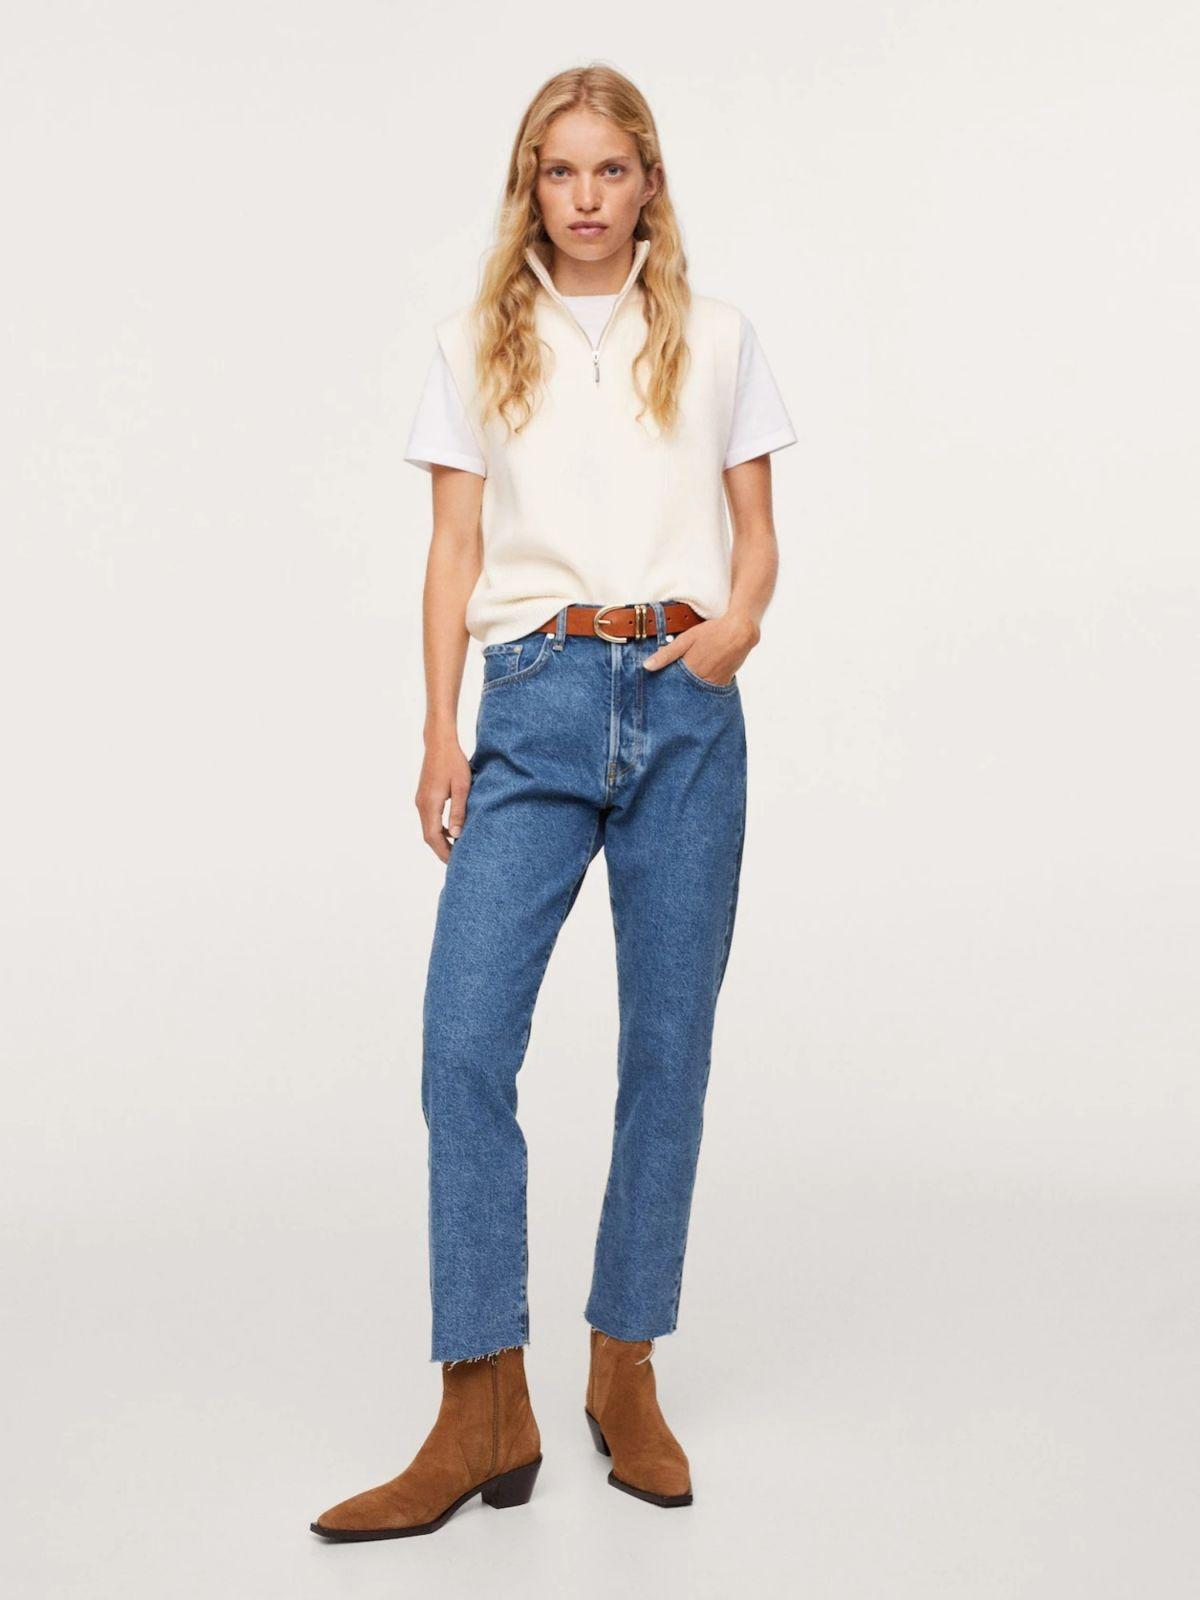 ג'ינס ישר בסיומת גזורהג'ינס ישר בסיומת גזורה של MANGO